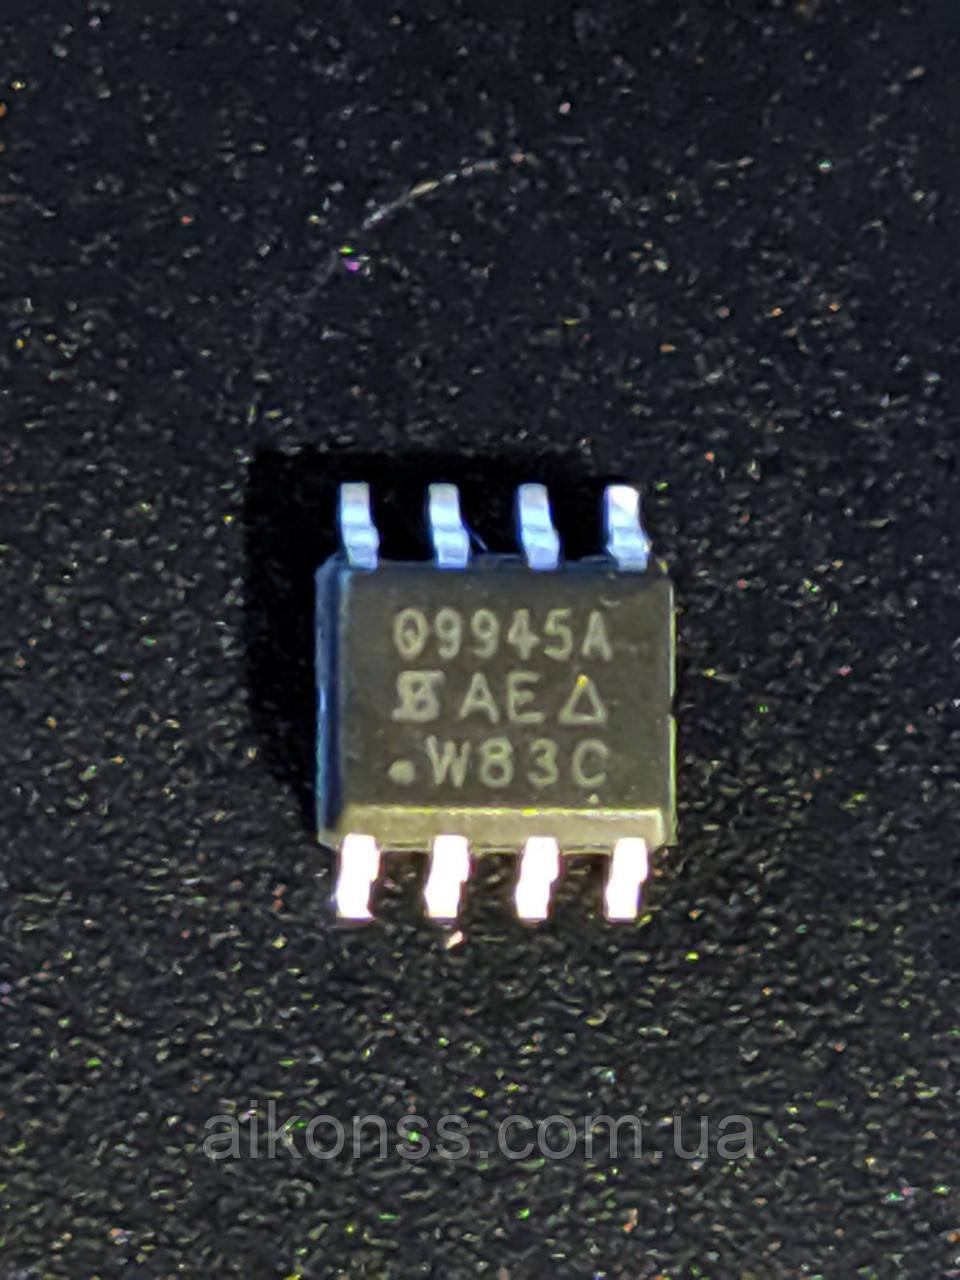 Мікросхема SIQ9945A Q9945A для Delphi MT20U / MT20U2 чіп уприскування палива